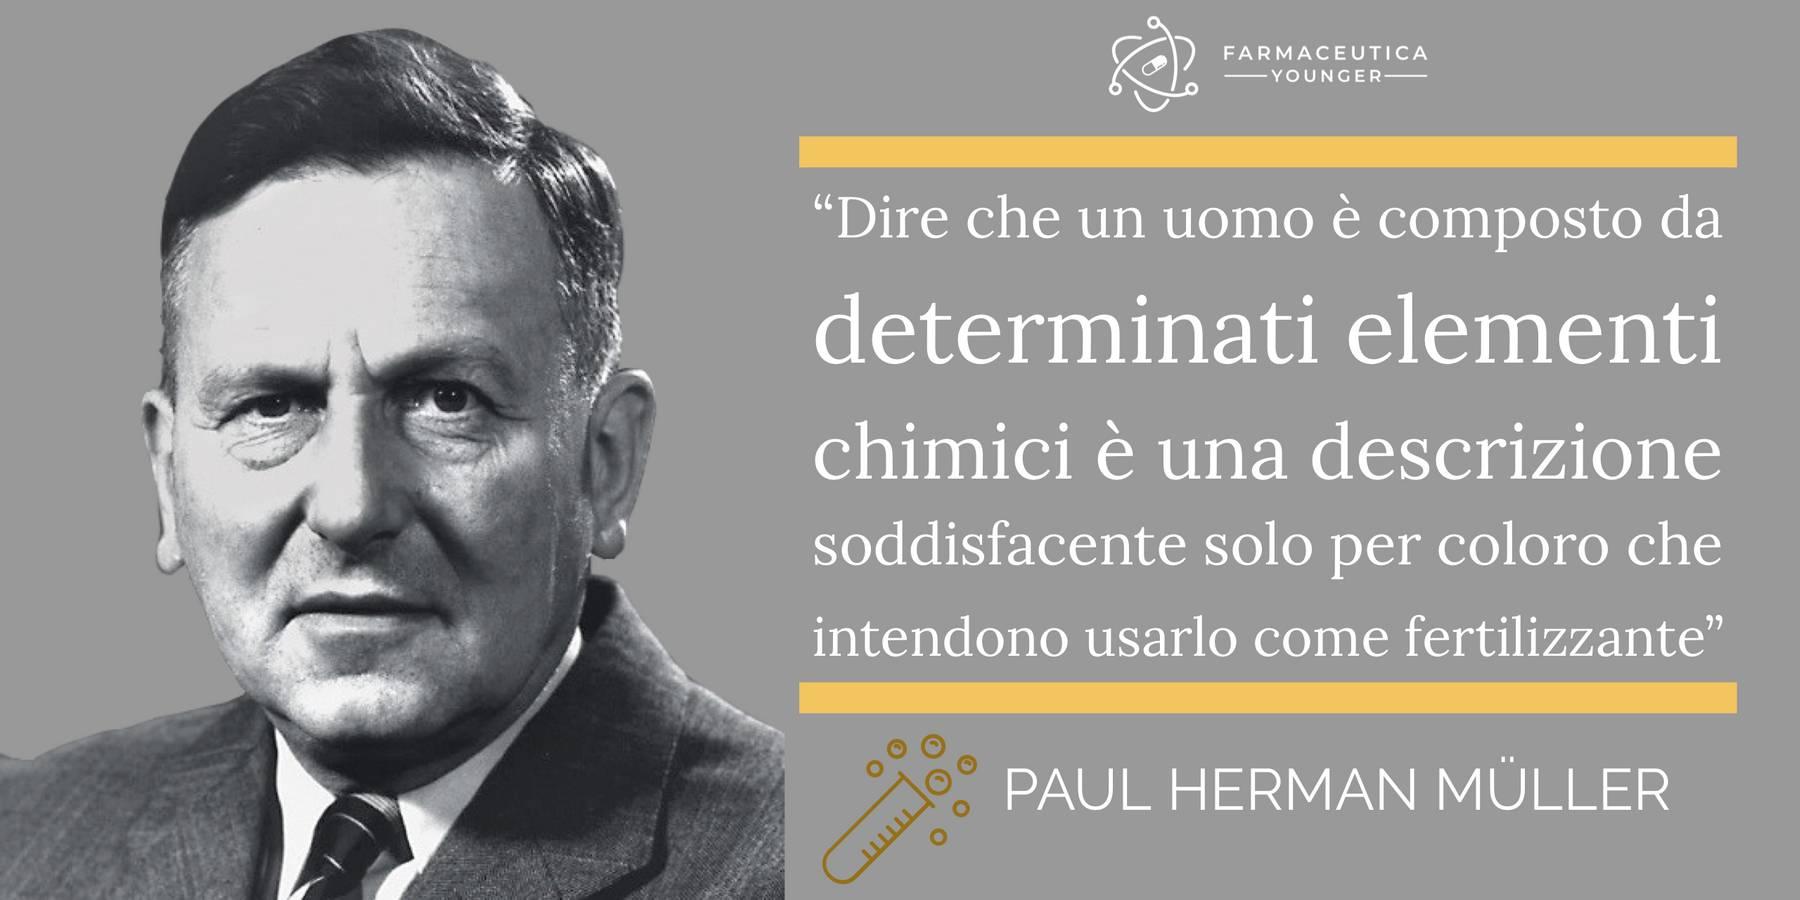 PAUL HERMAN MULLER -